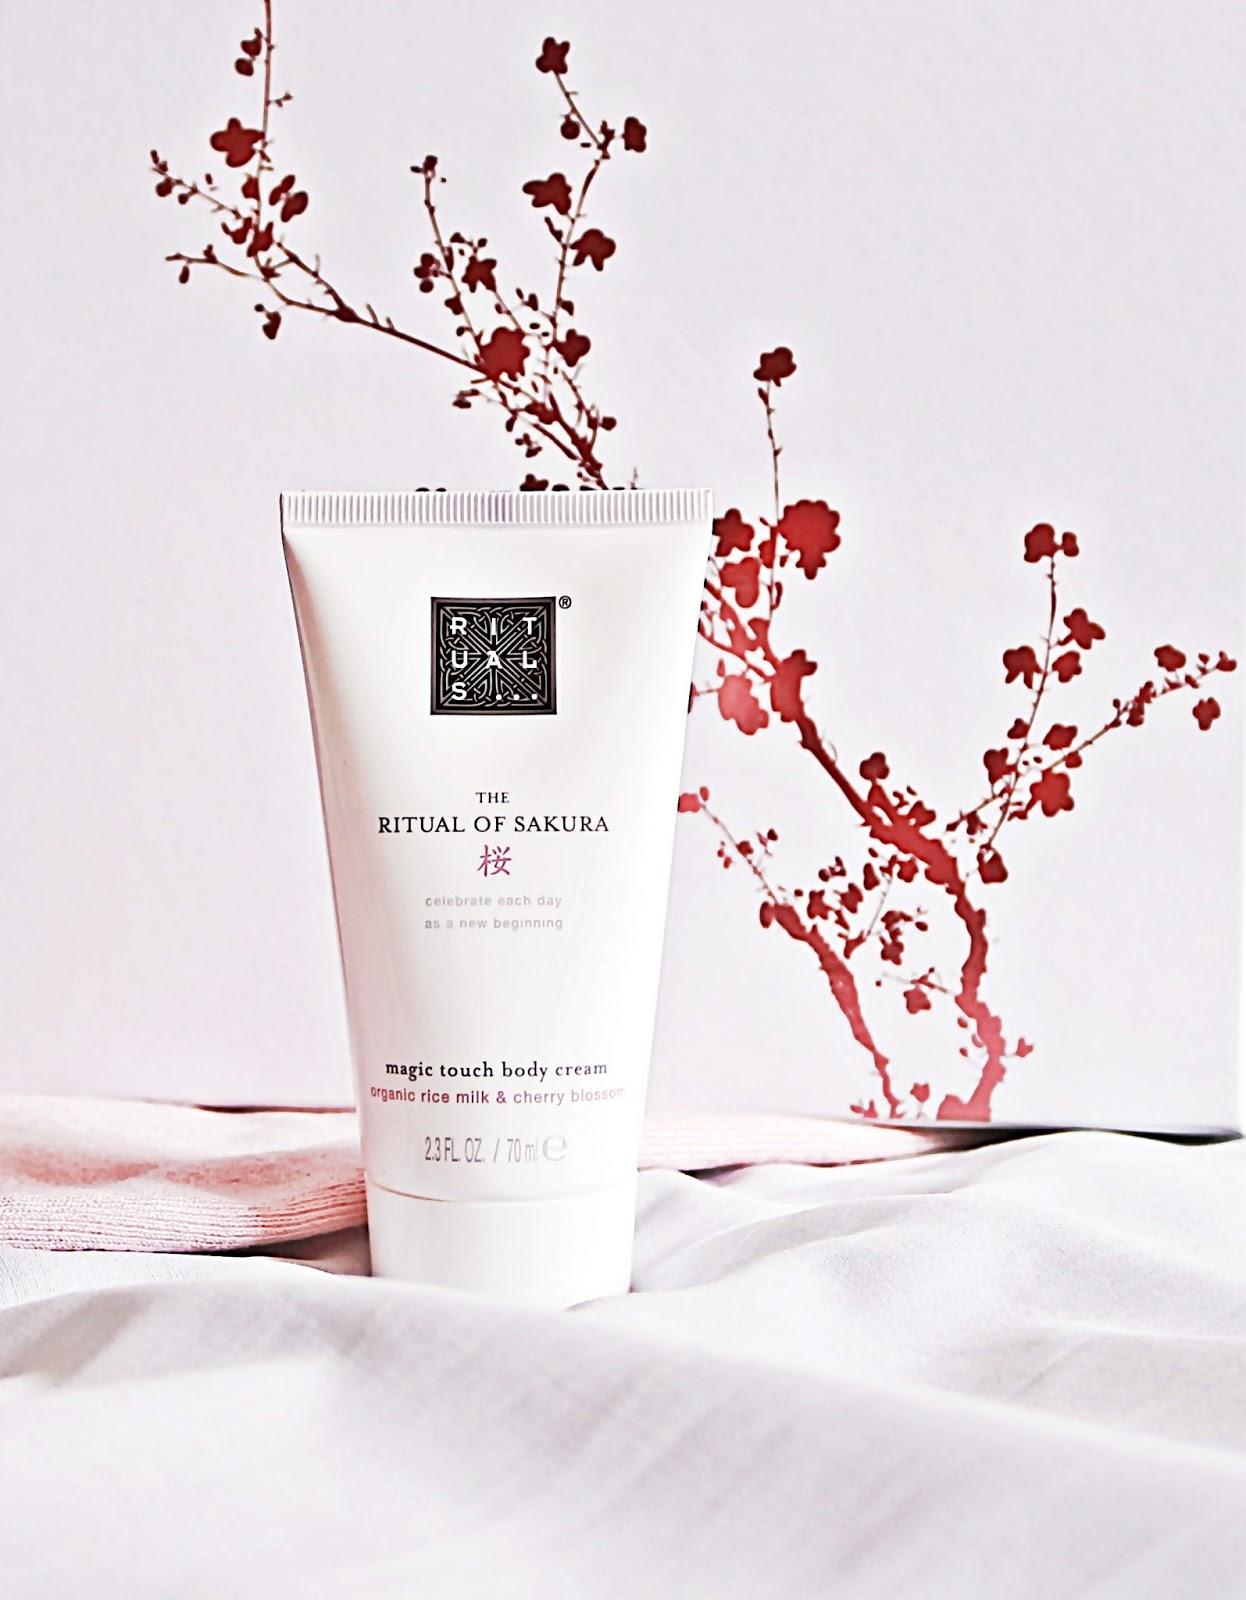 RITUALS - kosmetyki do kąpieli i pod prysznic z serii The Ritual of Sakura